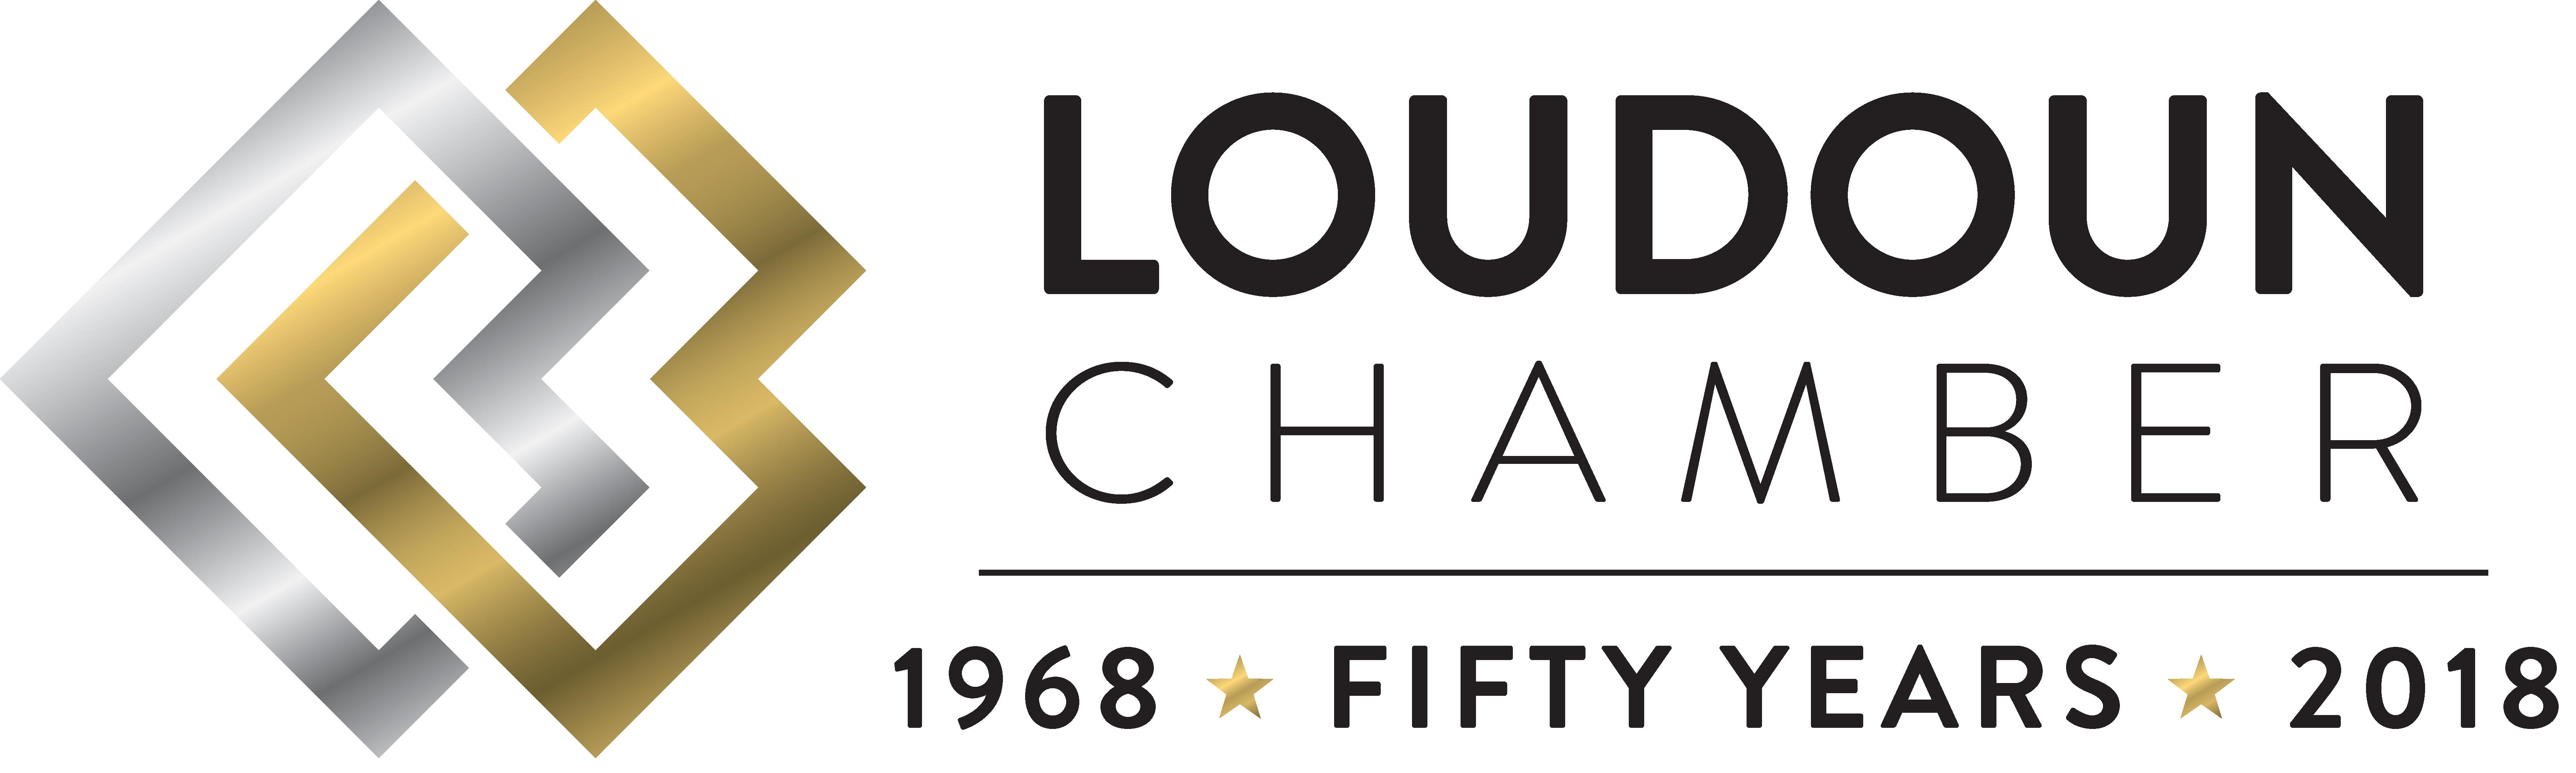 Loudoun Camber Logo